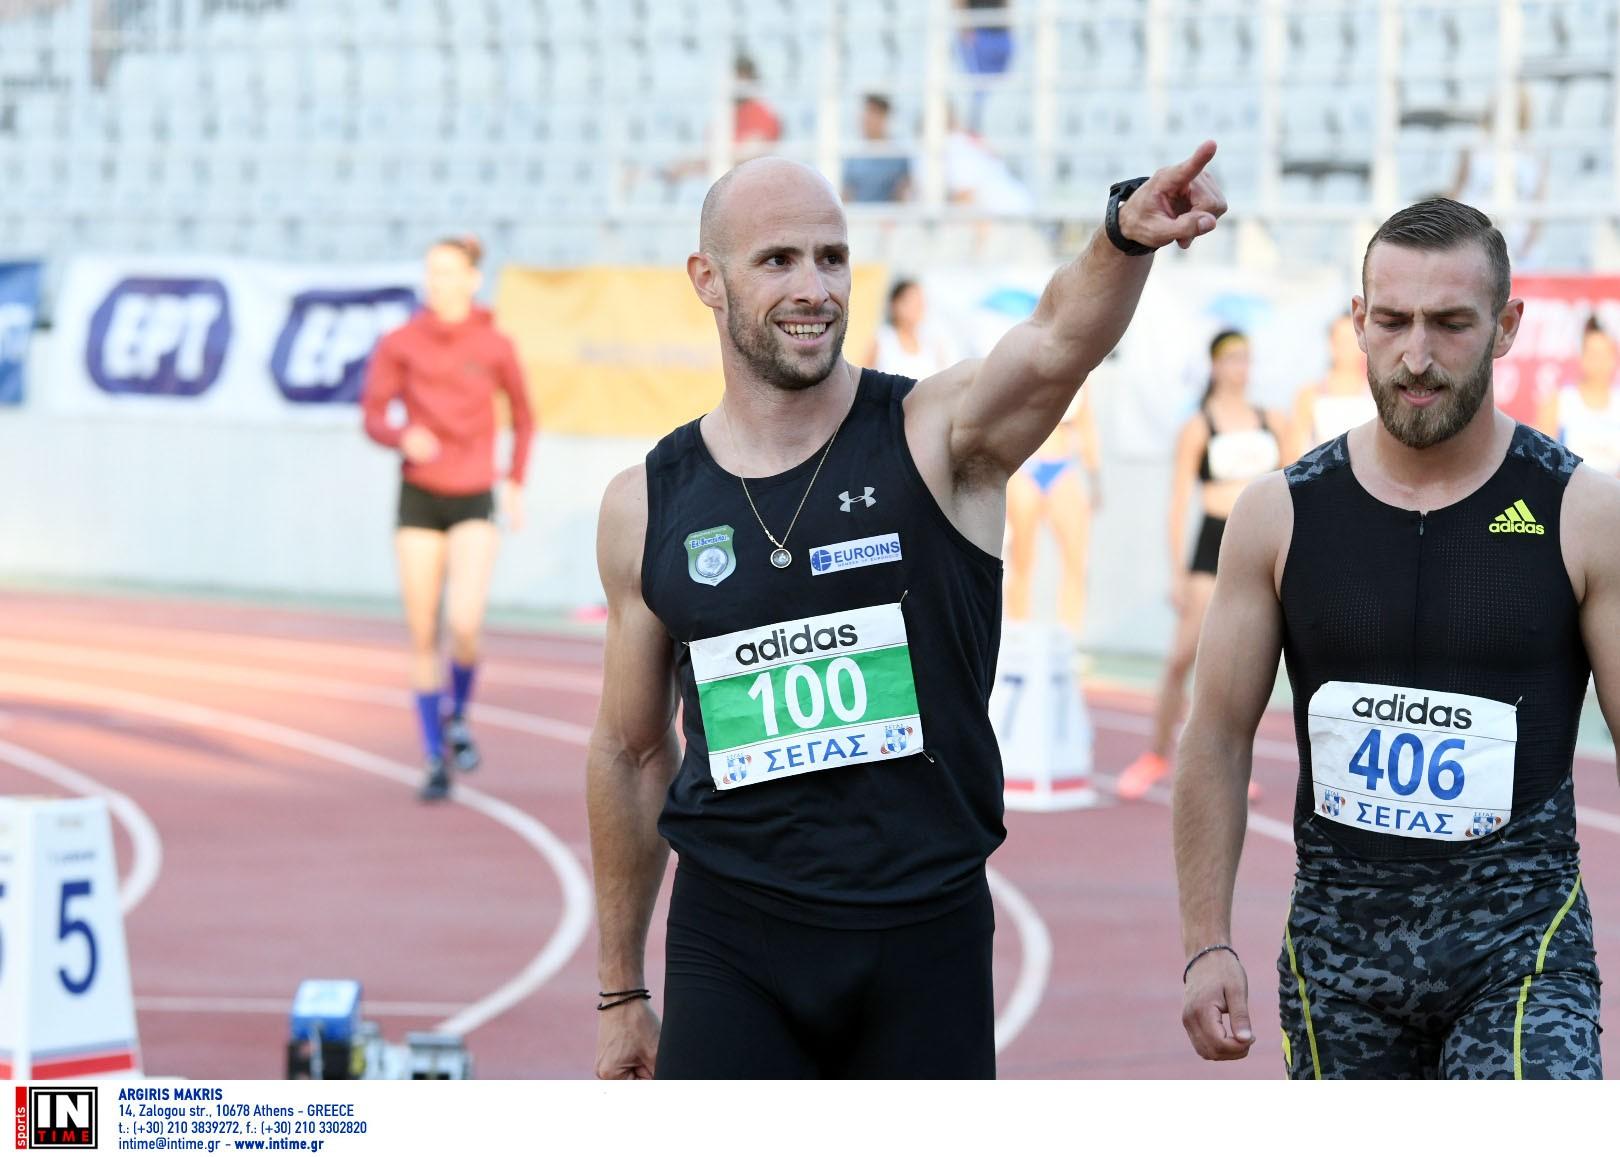 Με επιτυχία έγινε την Πέμπτη 10 Ιουνίου το 1ο Athens Sprint Mens Gala στον στίβο του Κέντρου Πολιτισμού, Ίδρυμα Σταύρος Νιάρχος.